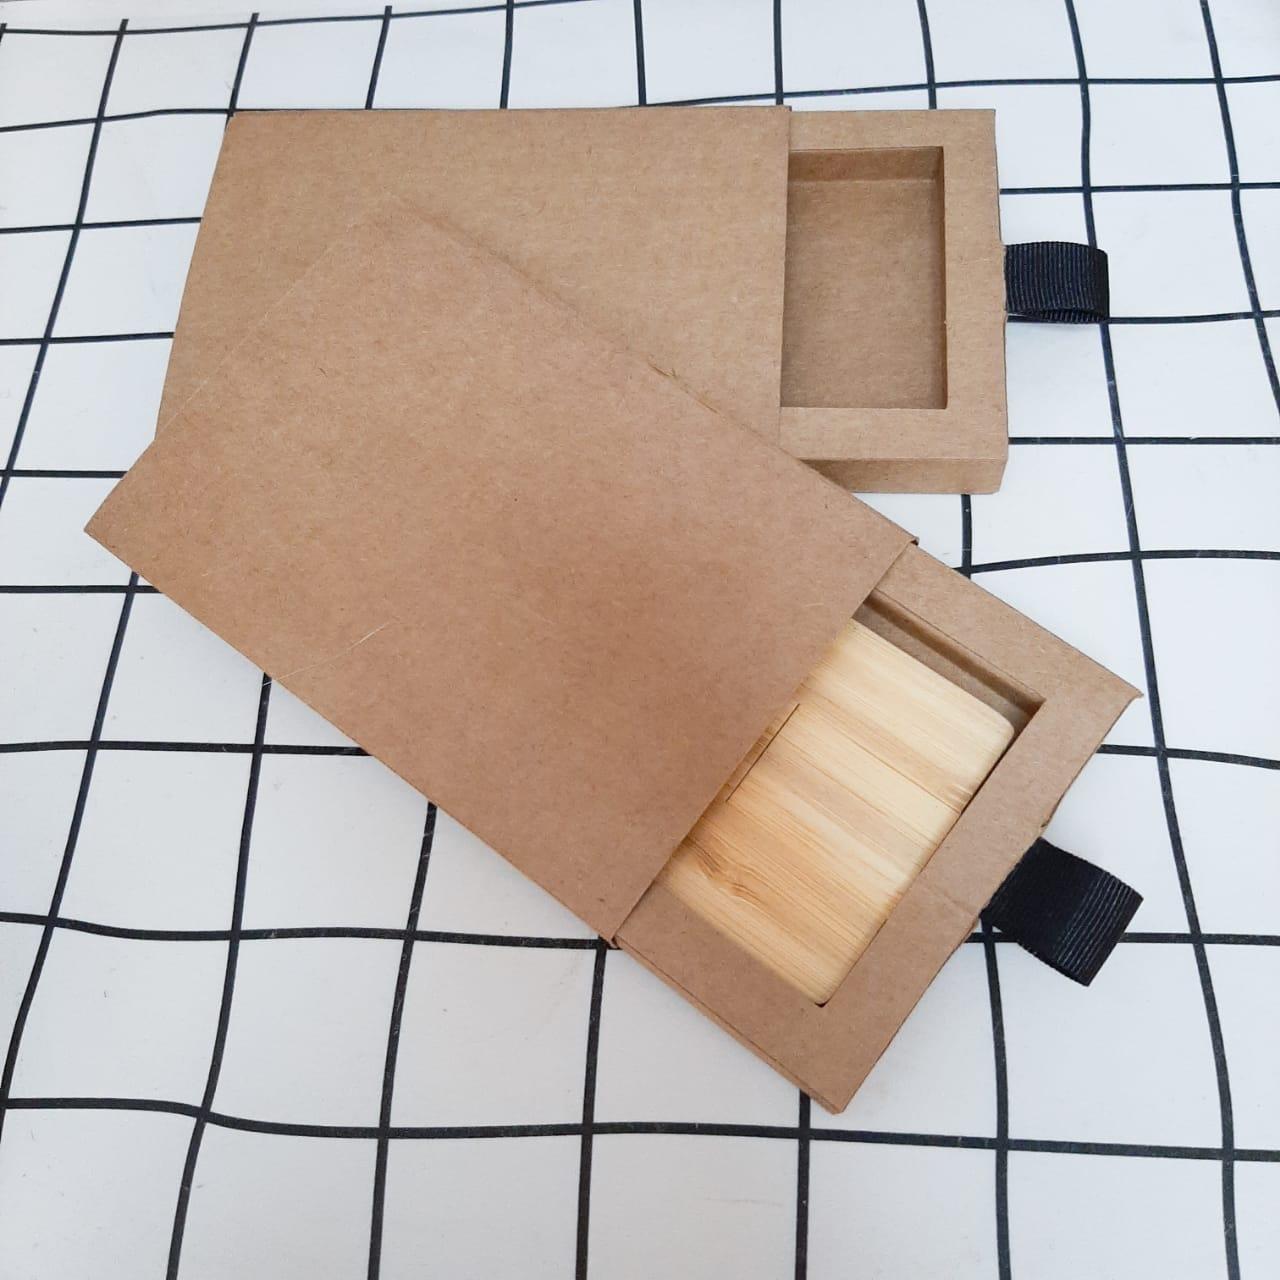 Kit pen card ecológico + Caixinha offset branca ou kraft pardo personalizados (MINIMO 5 PEÇAS)  - Premiere Brindes